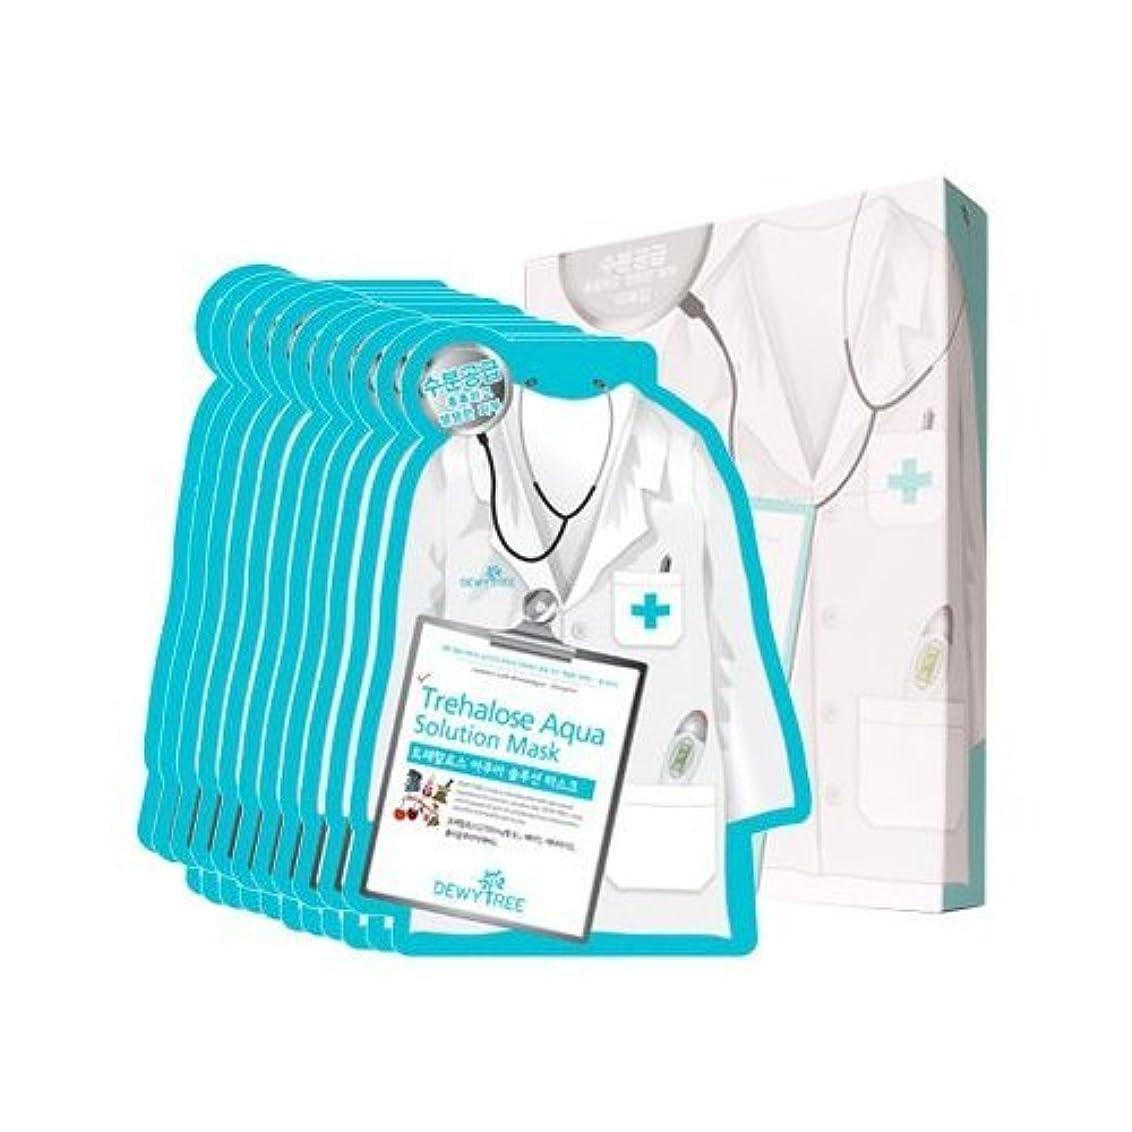 有益実際の理容師Dewytree Trehalose Aqua Solution Mask 10pcs 27g